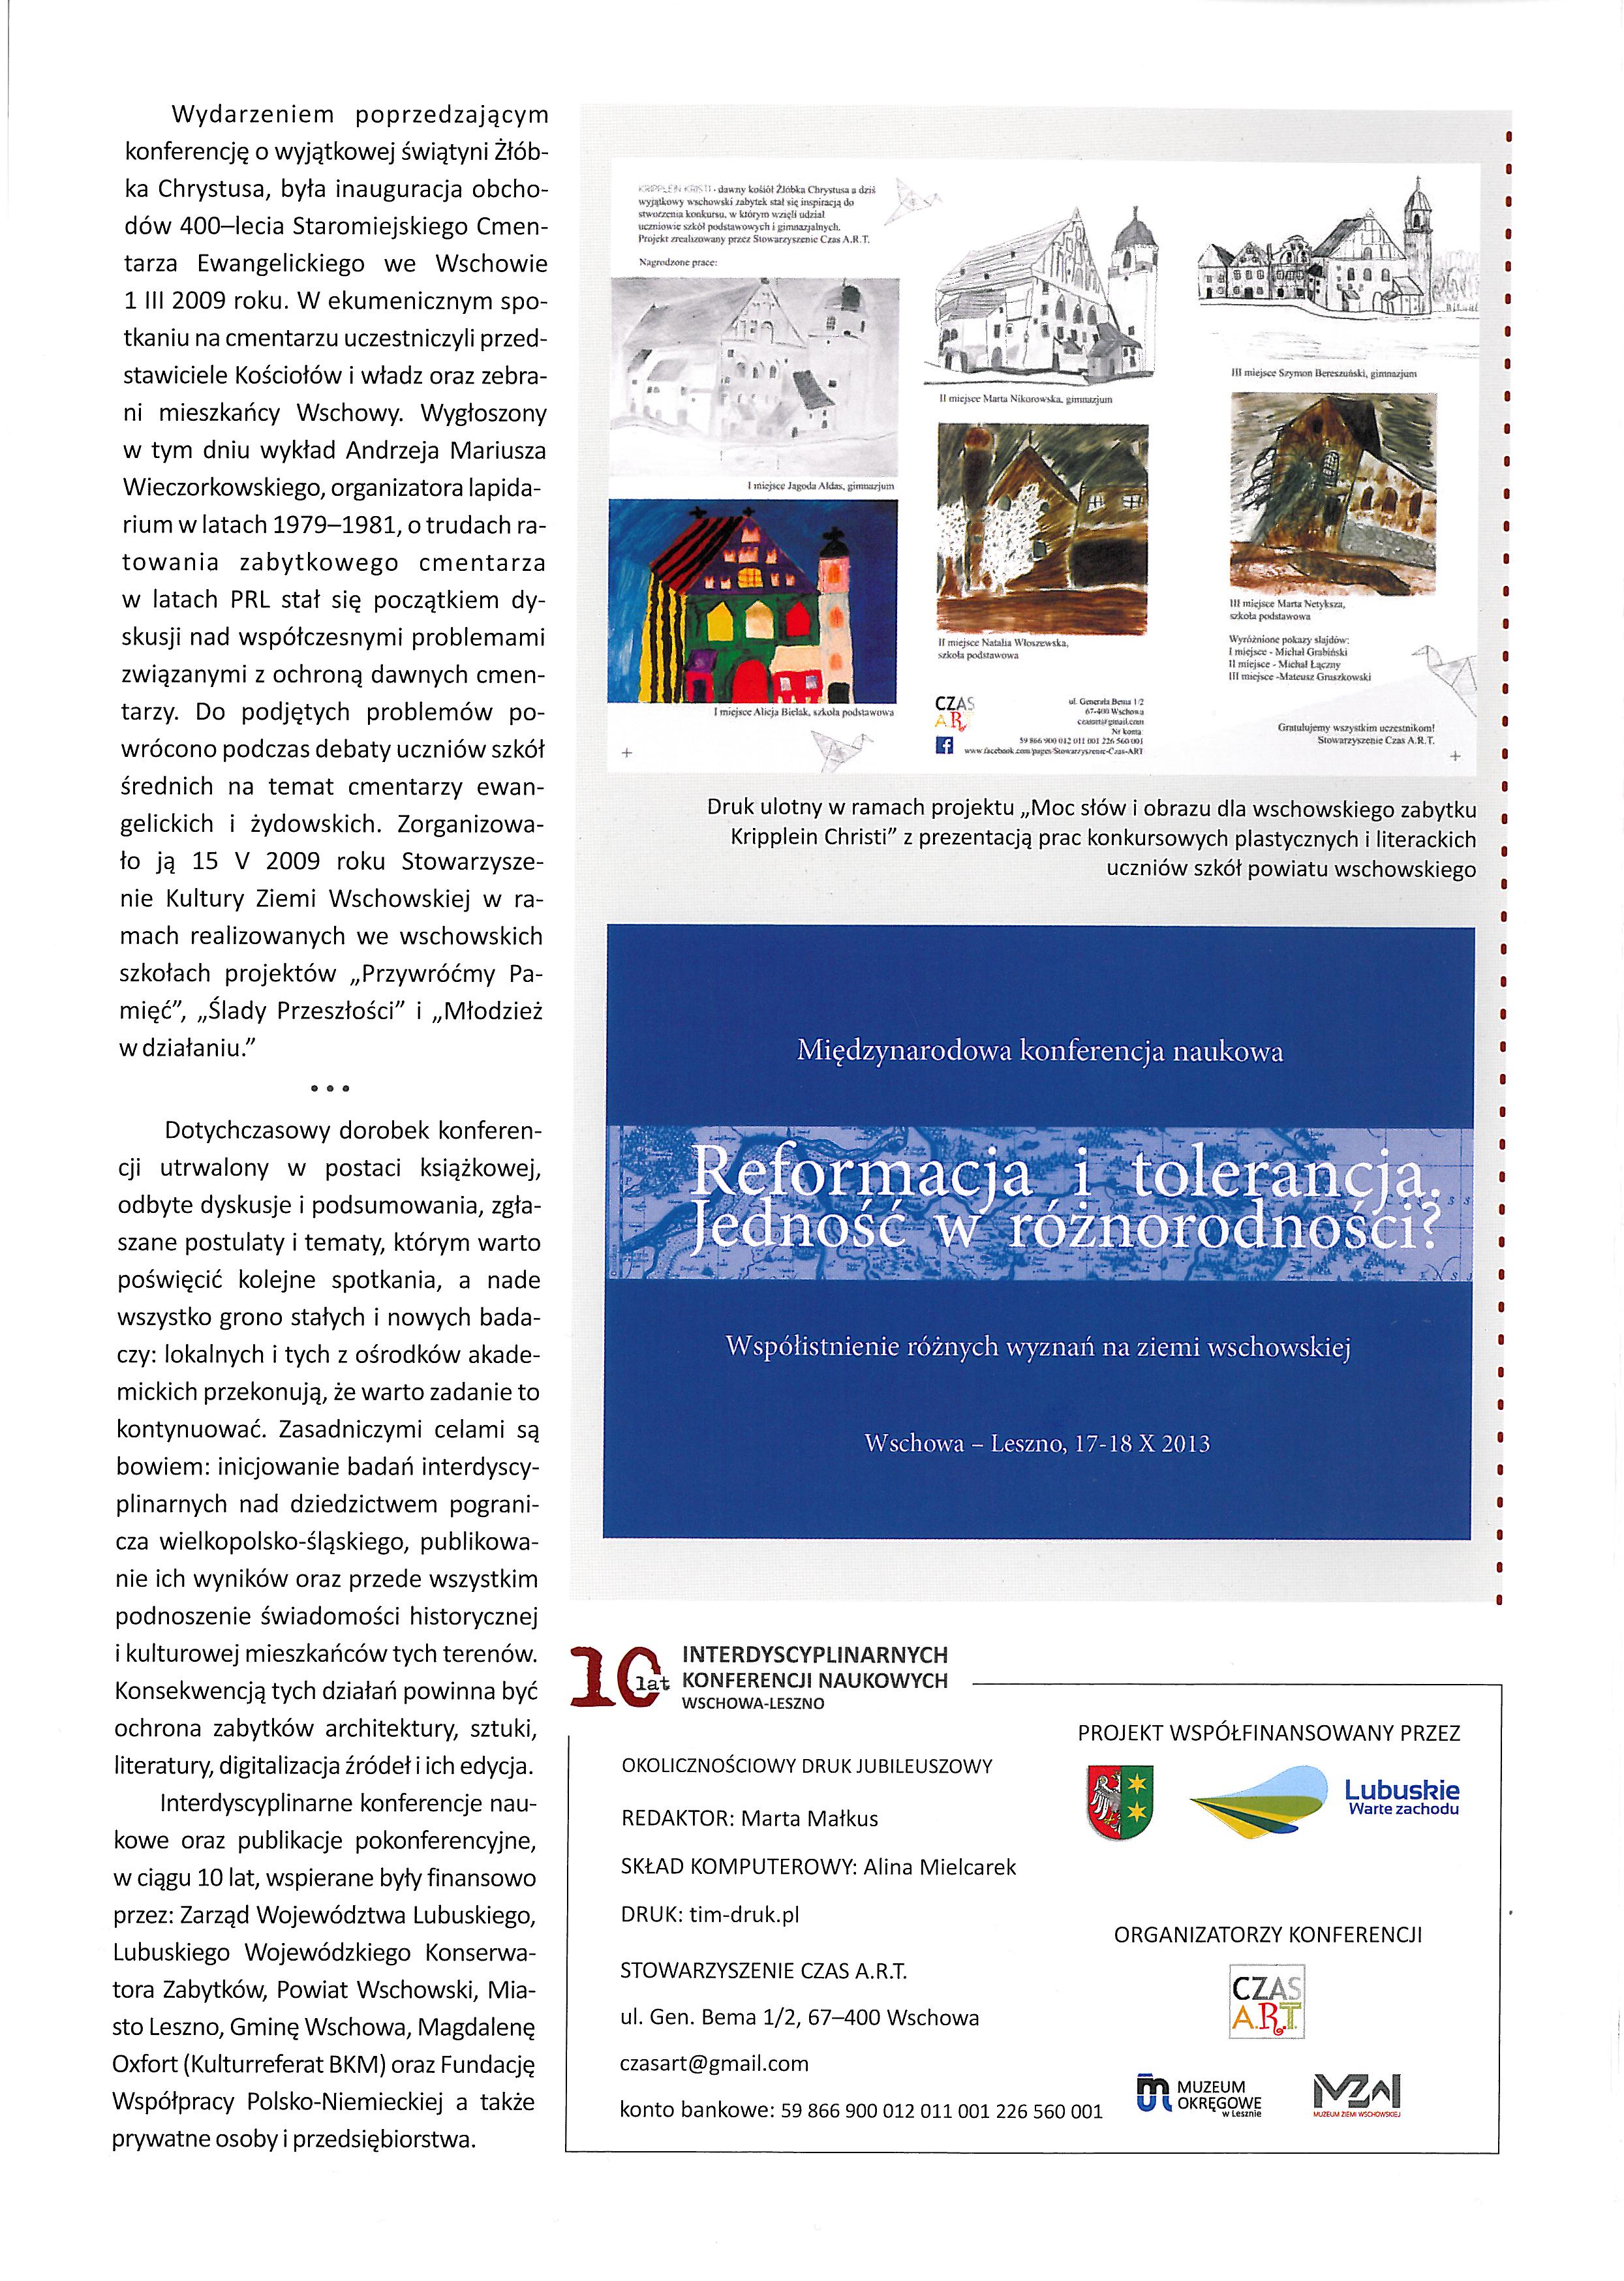 10 lat konferencji naukowych ost strona